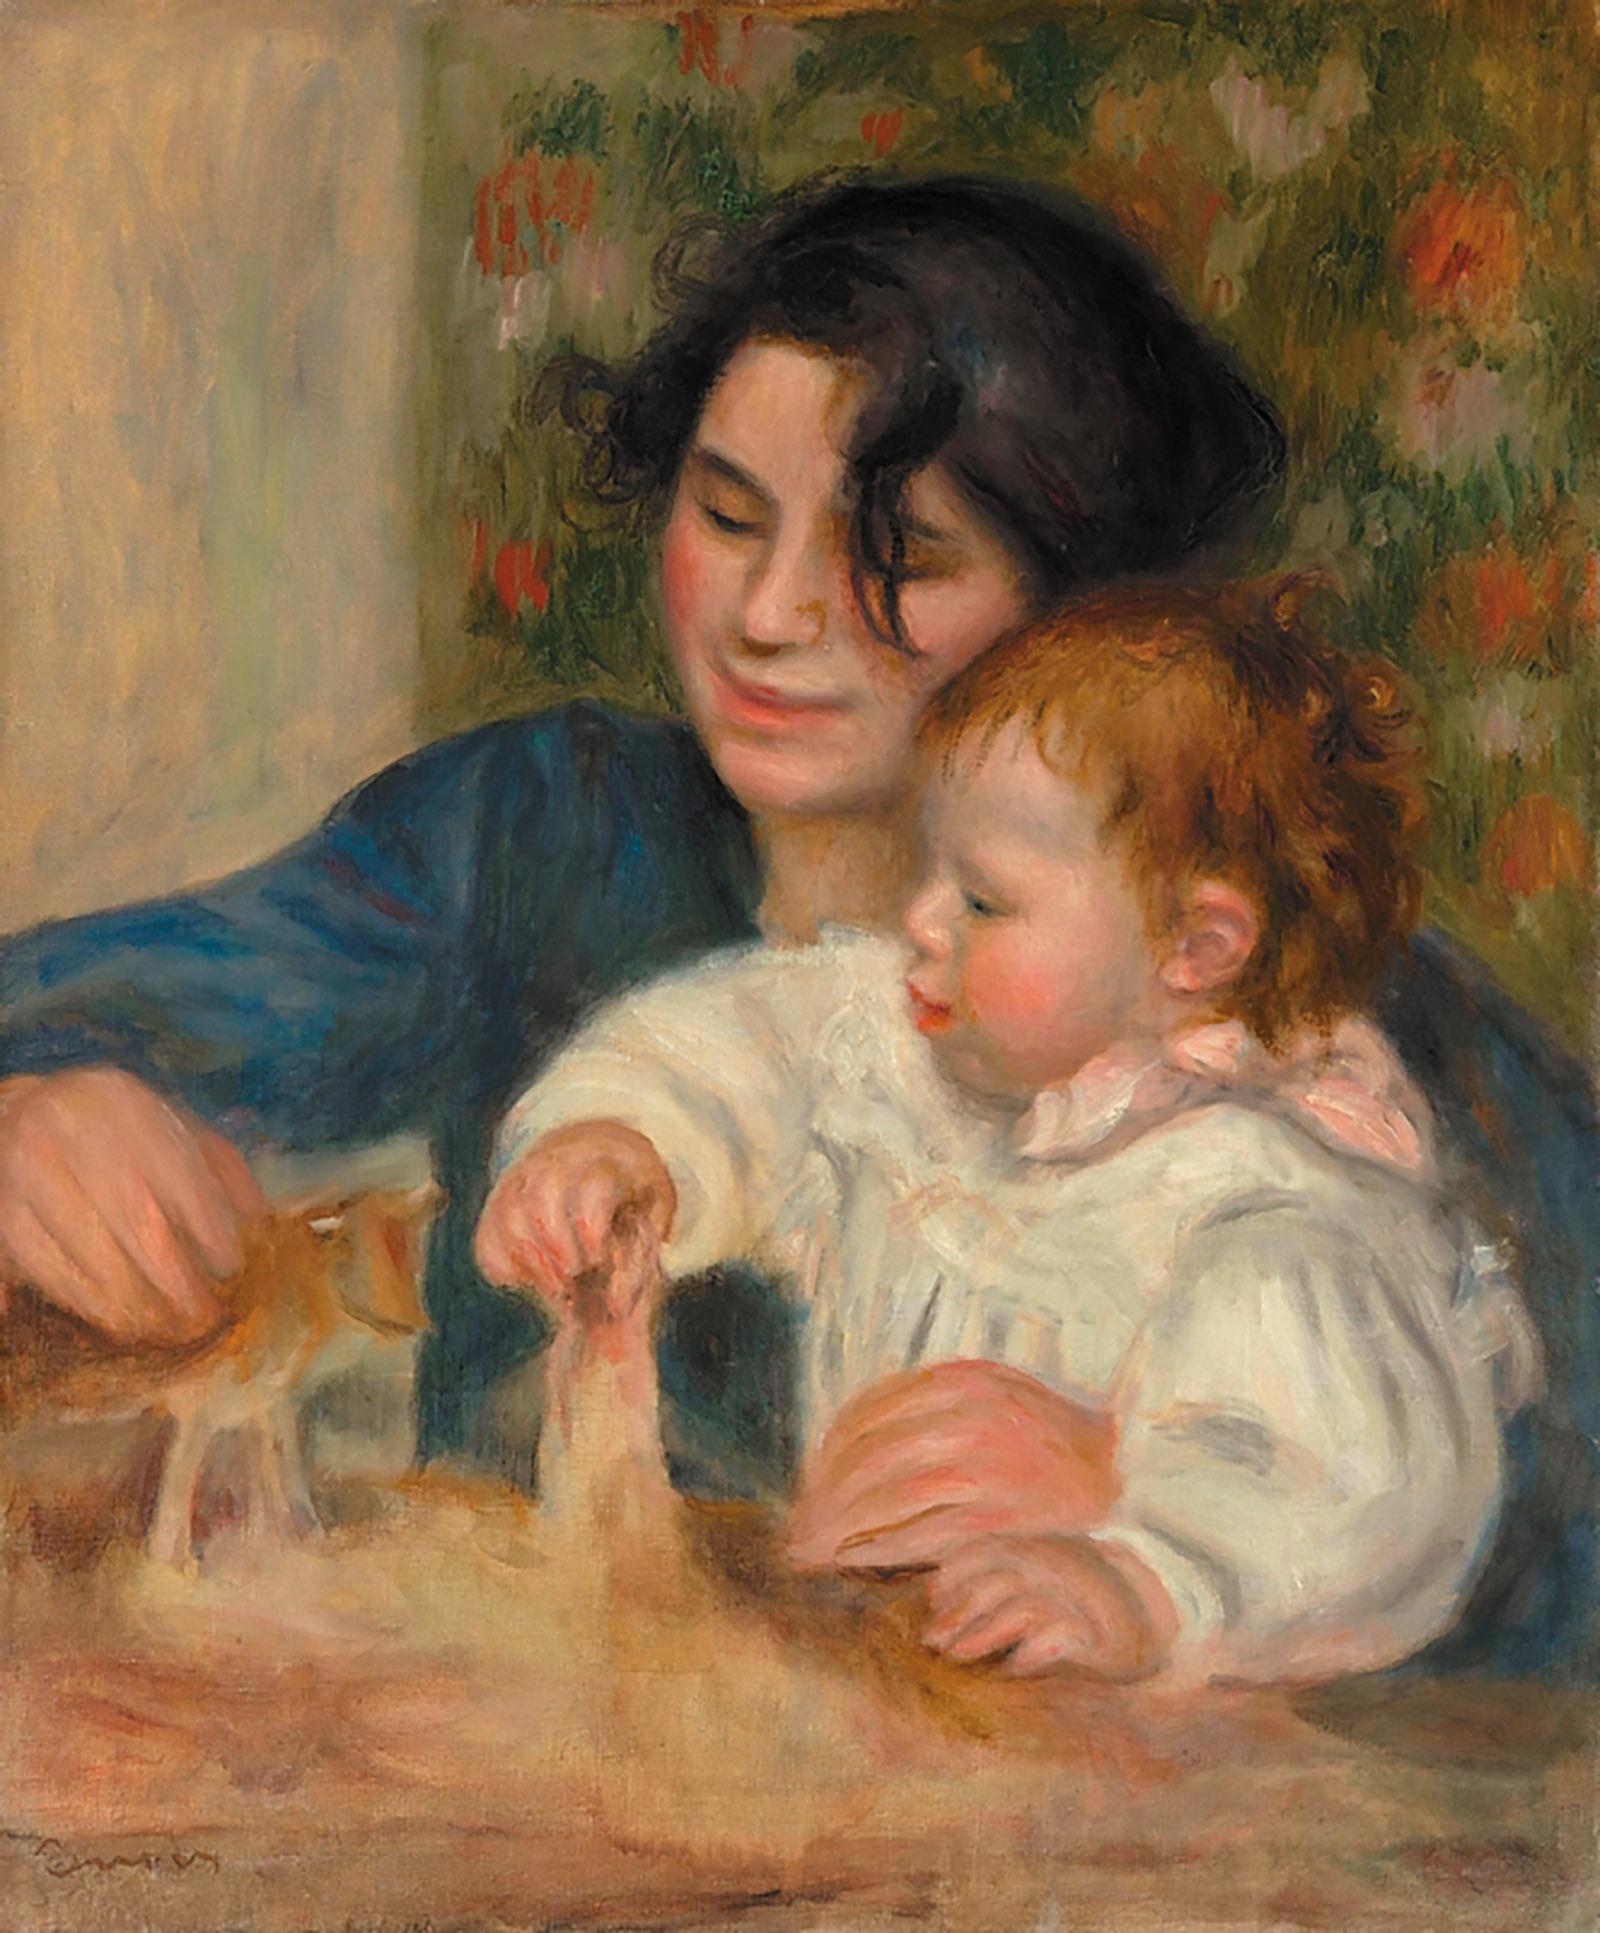 Auguste Renoir: Gabrielle and Jean, 1895–1896